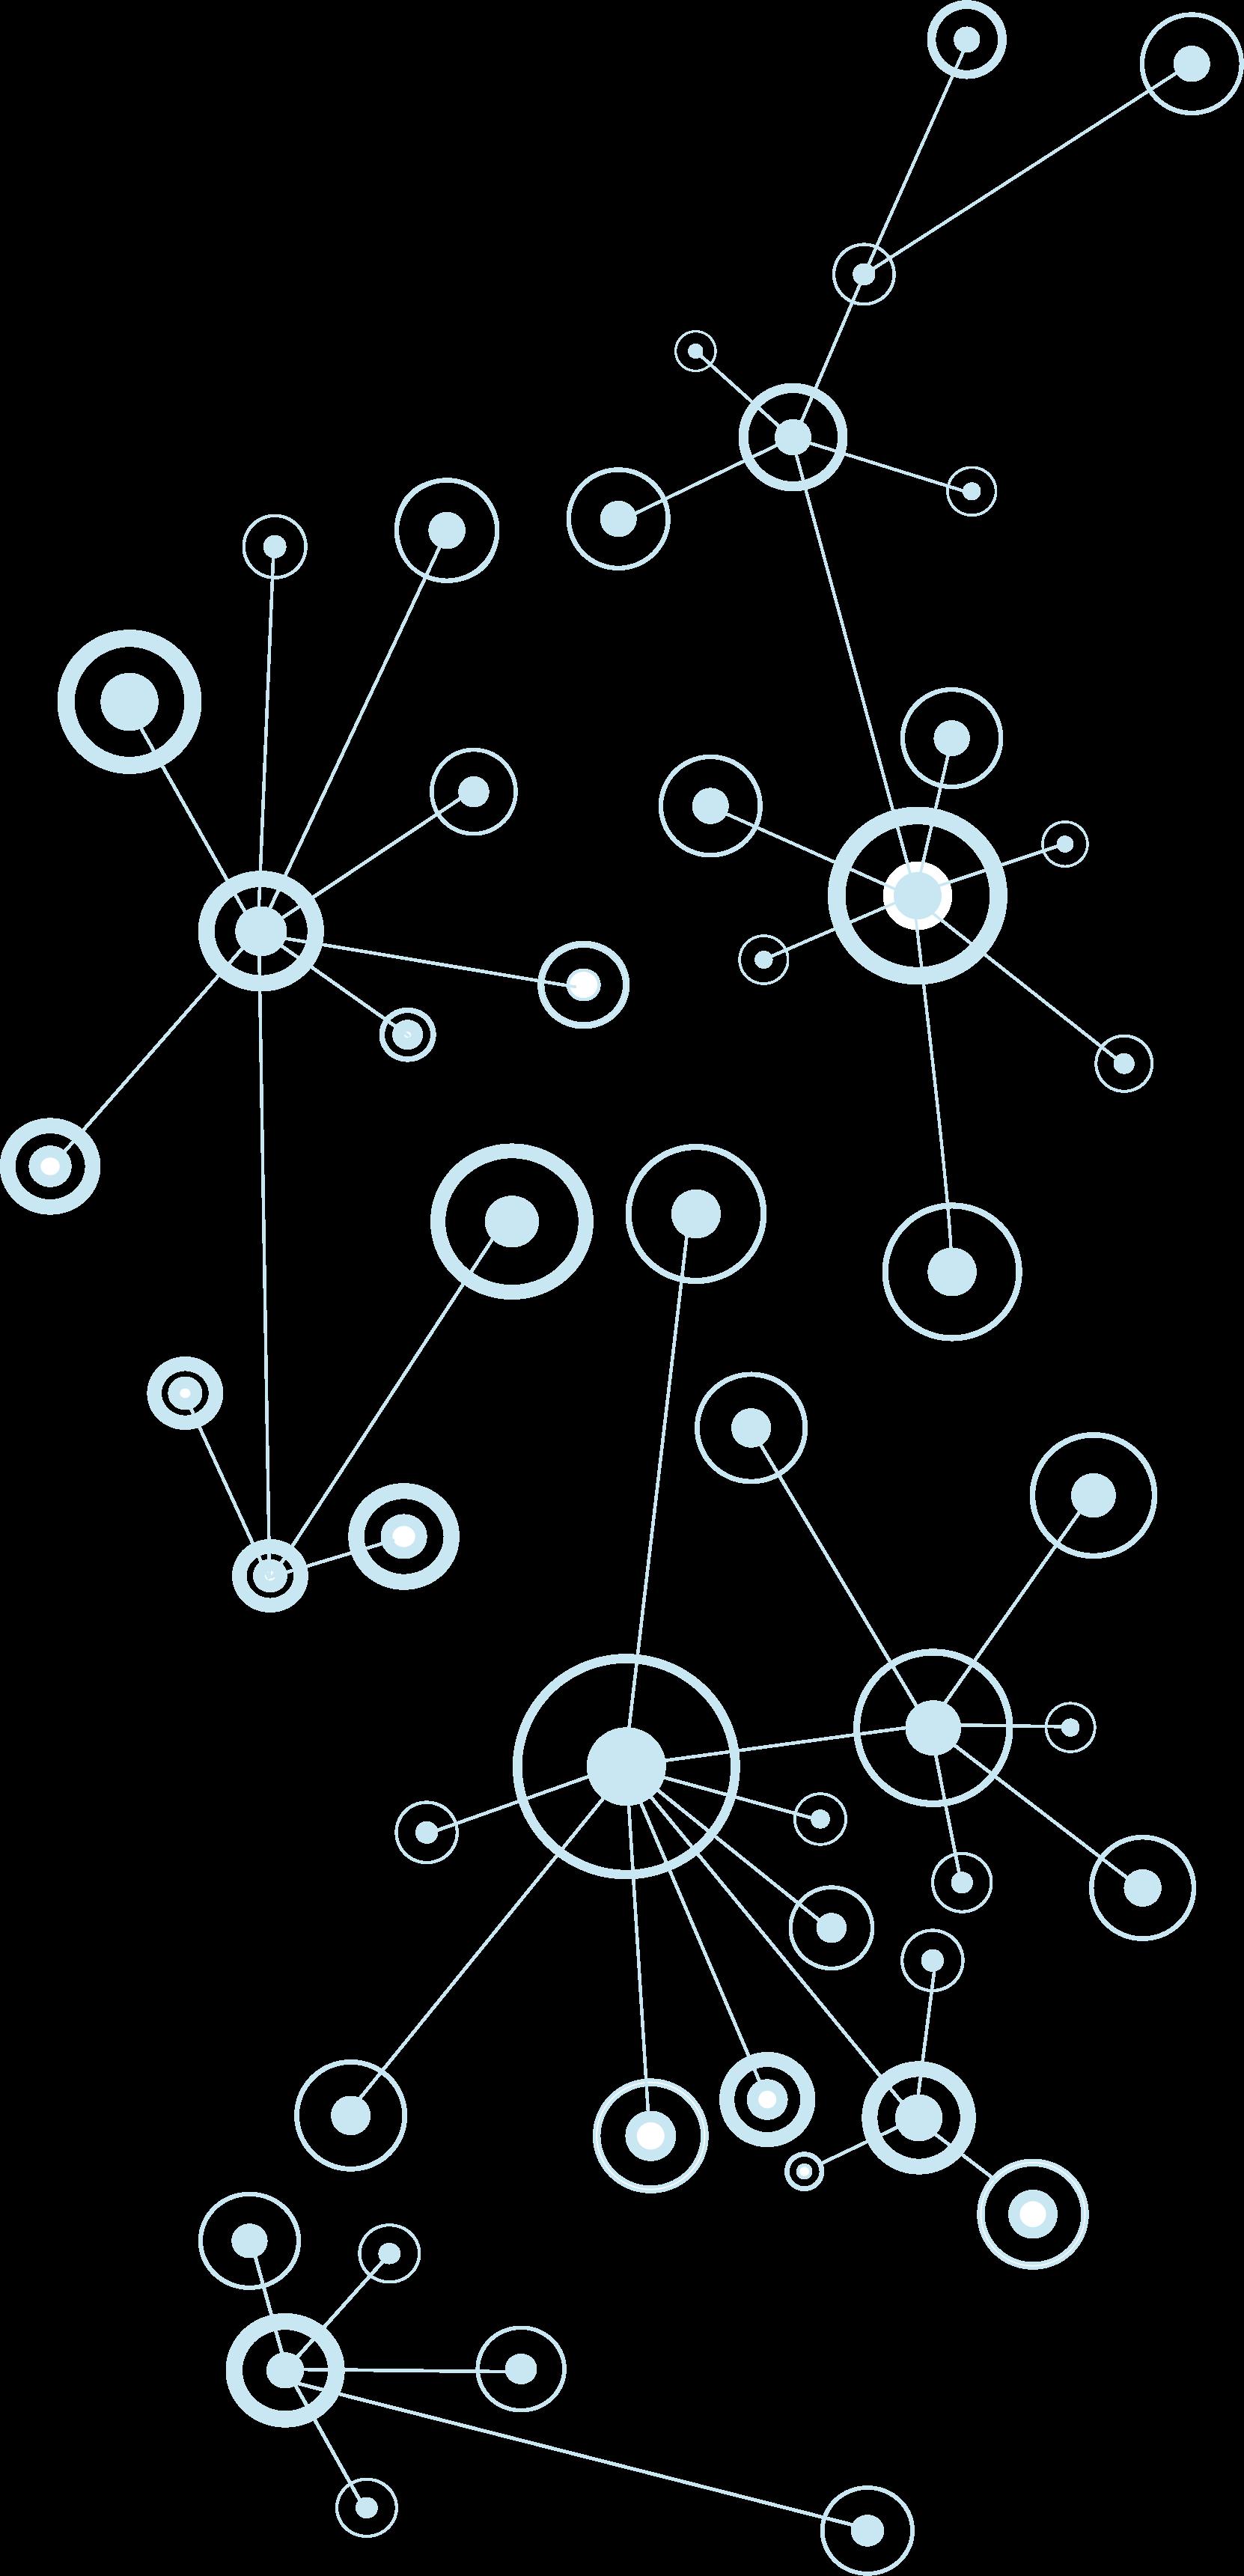 銀河イメージ